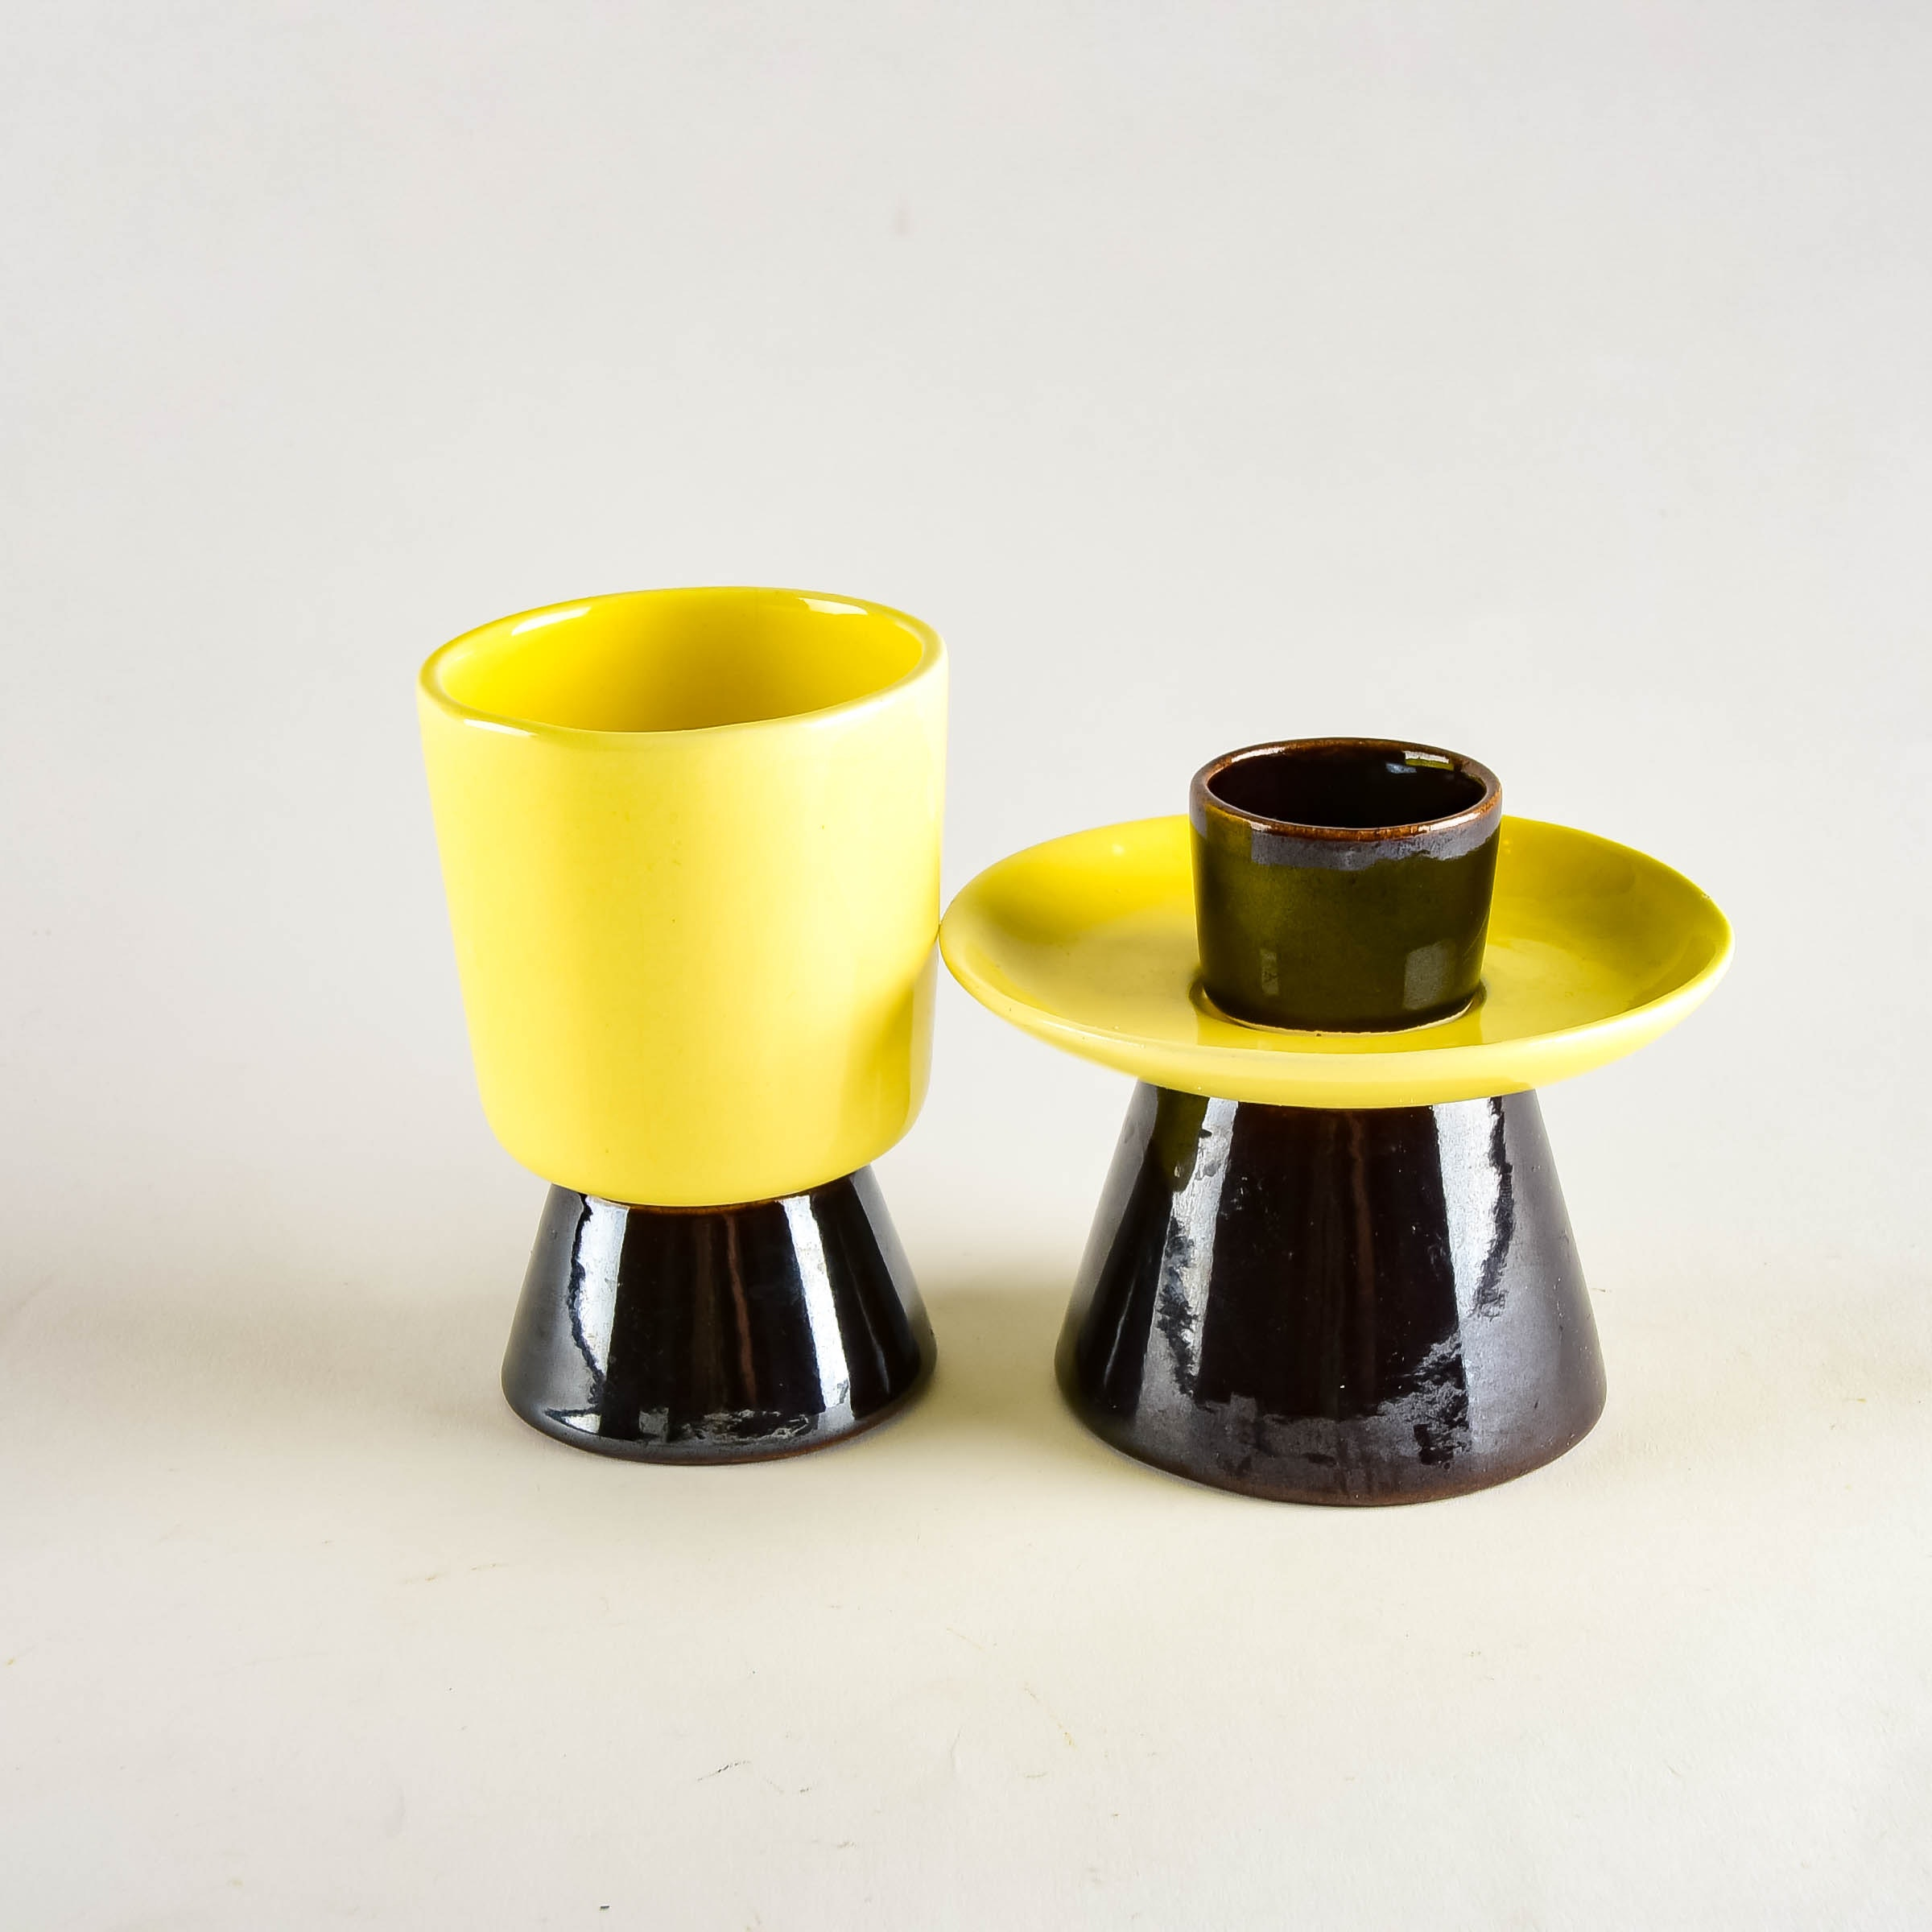 Hanzakos Pottery Pairing